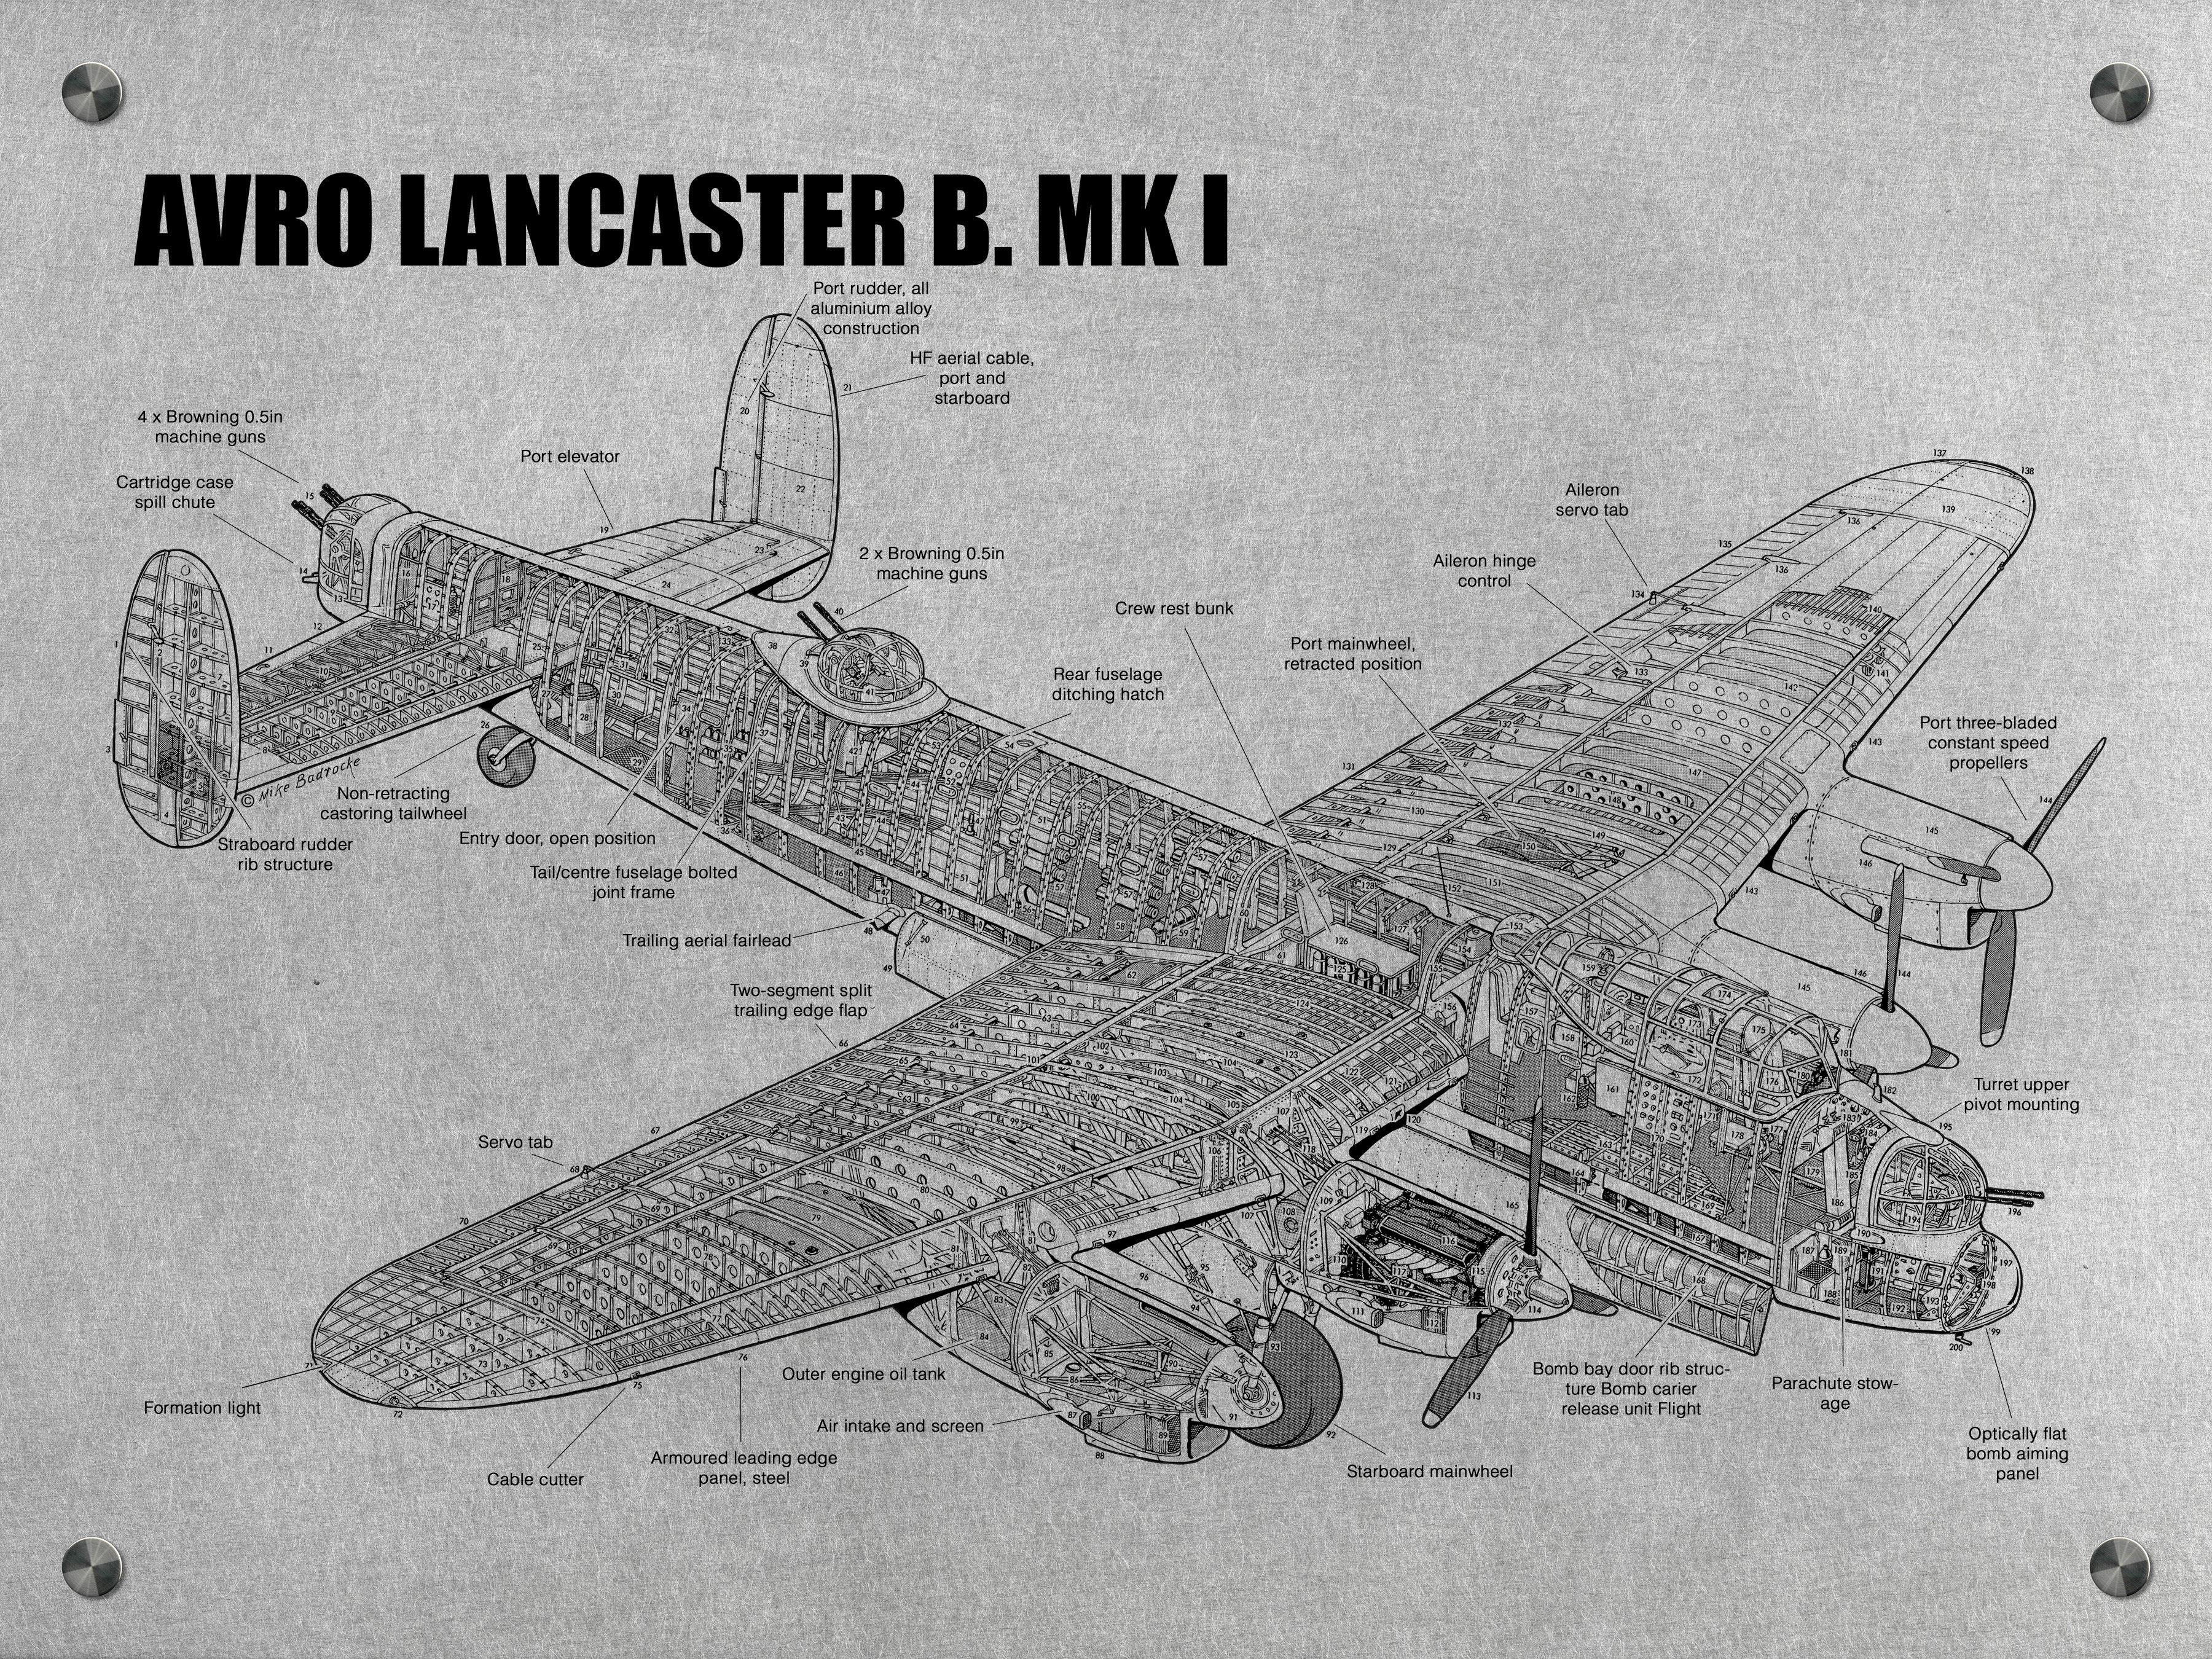 Avro Lancaster B.MK I